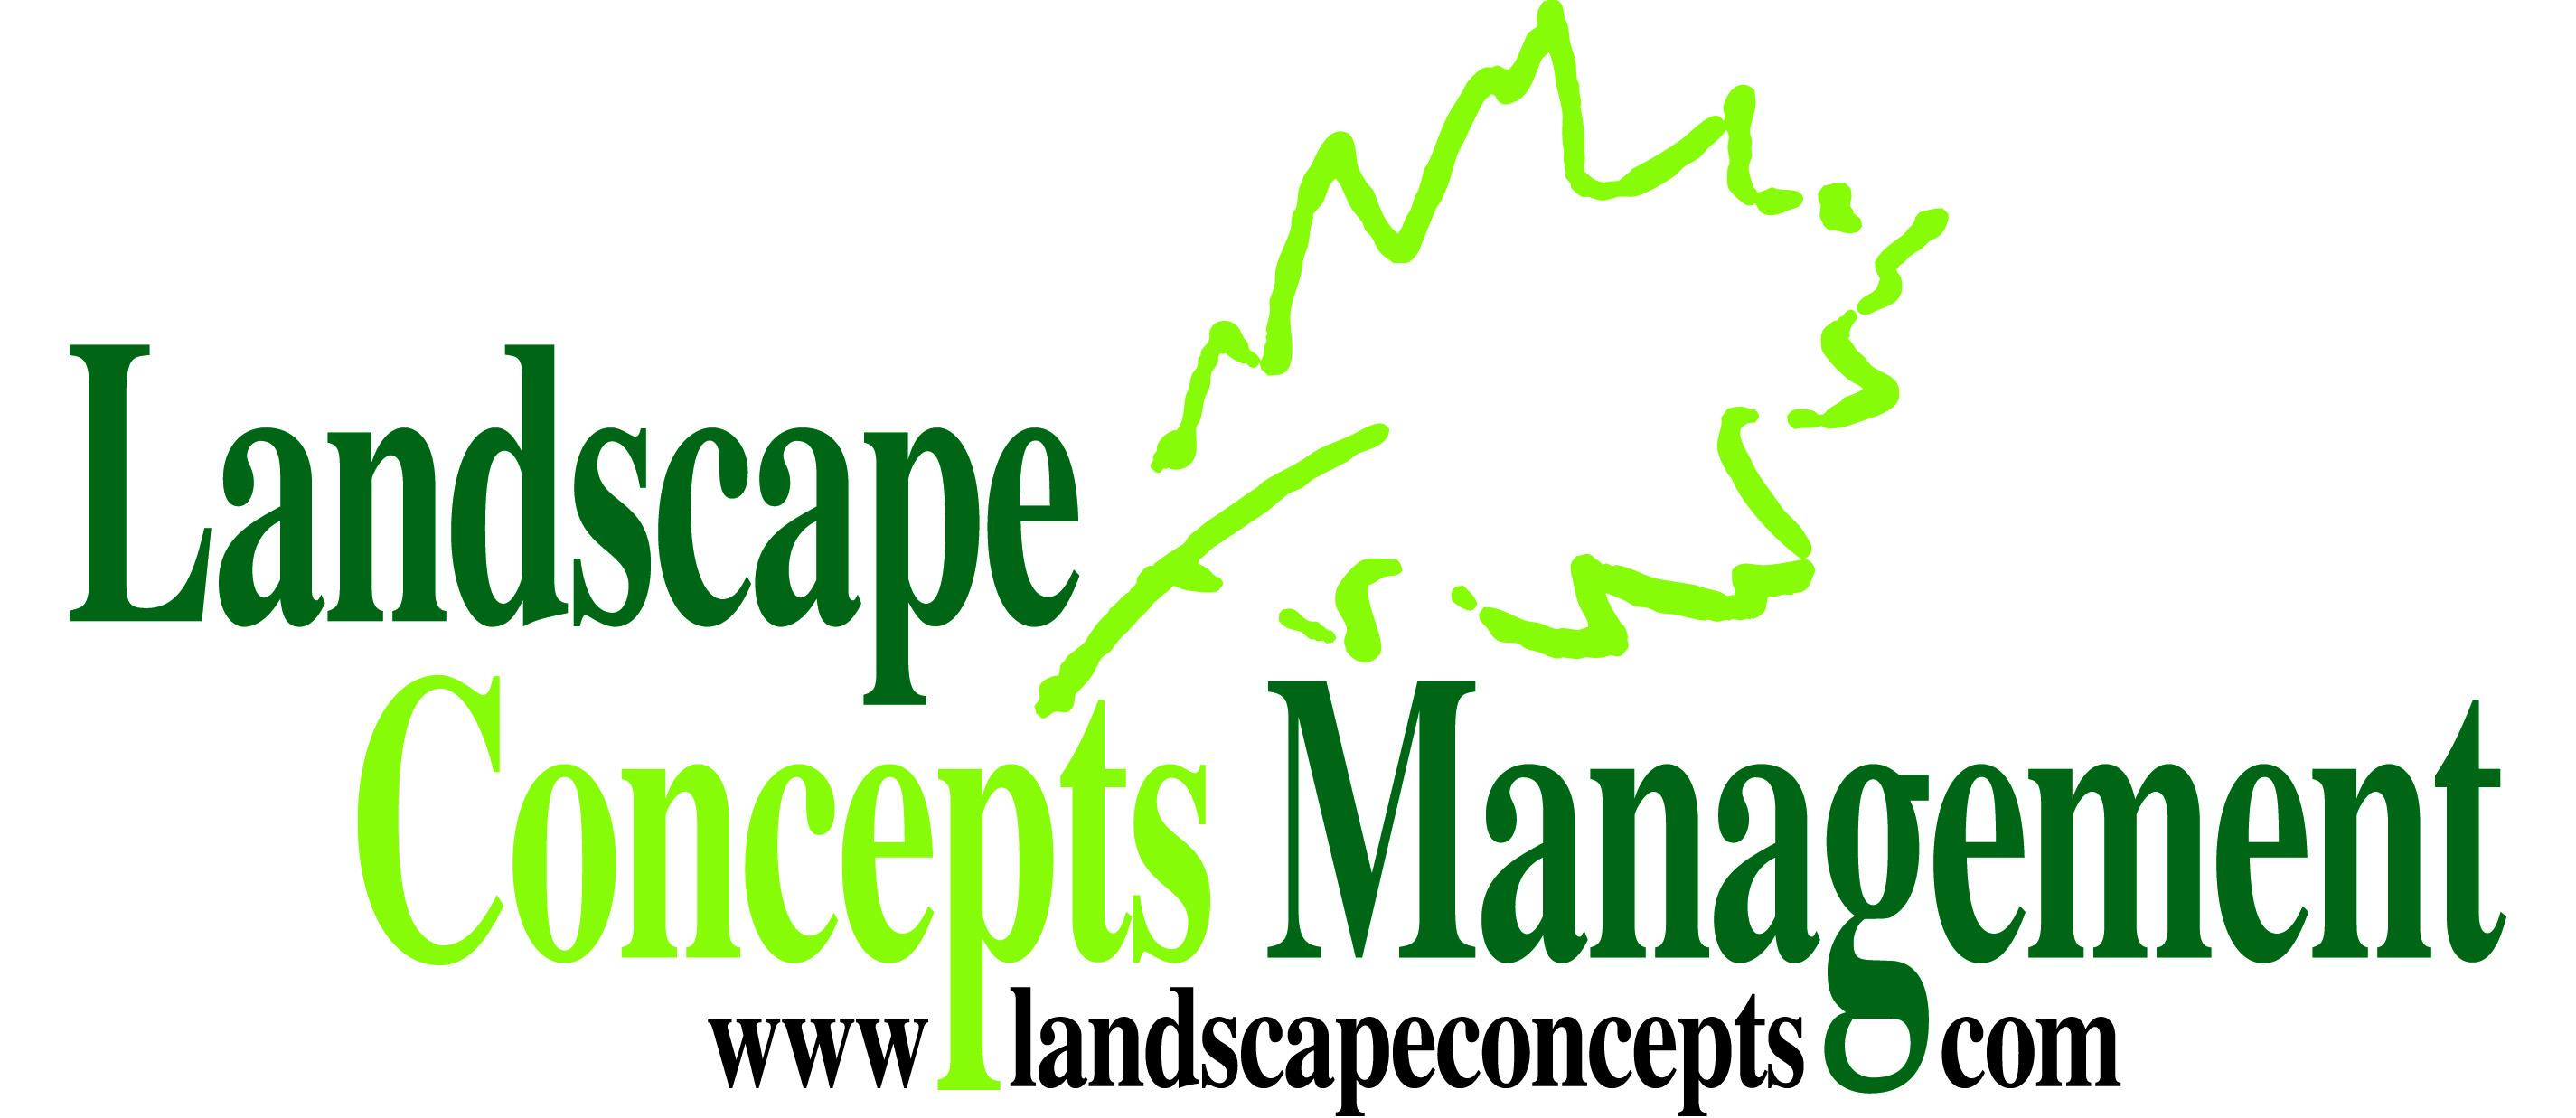 Landscape Concepts Management logo